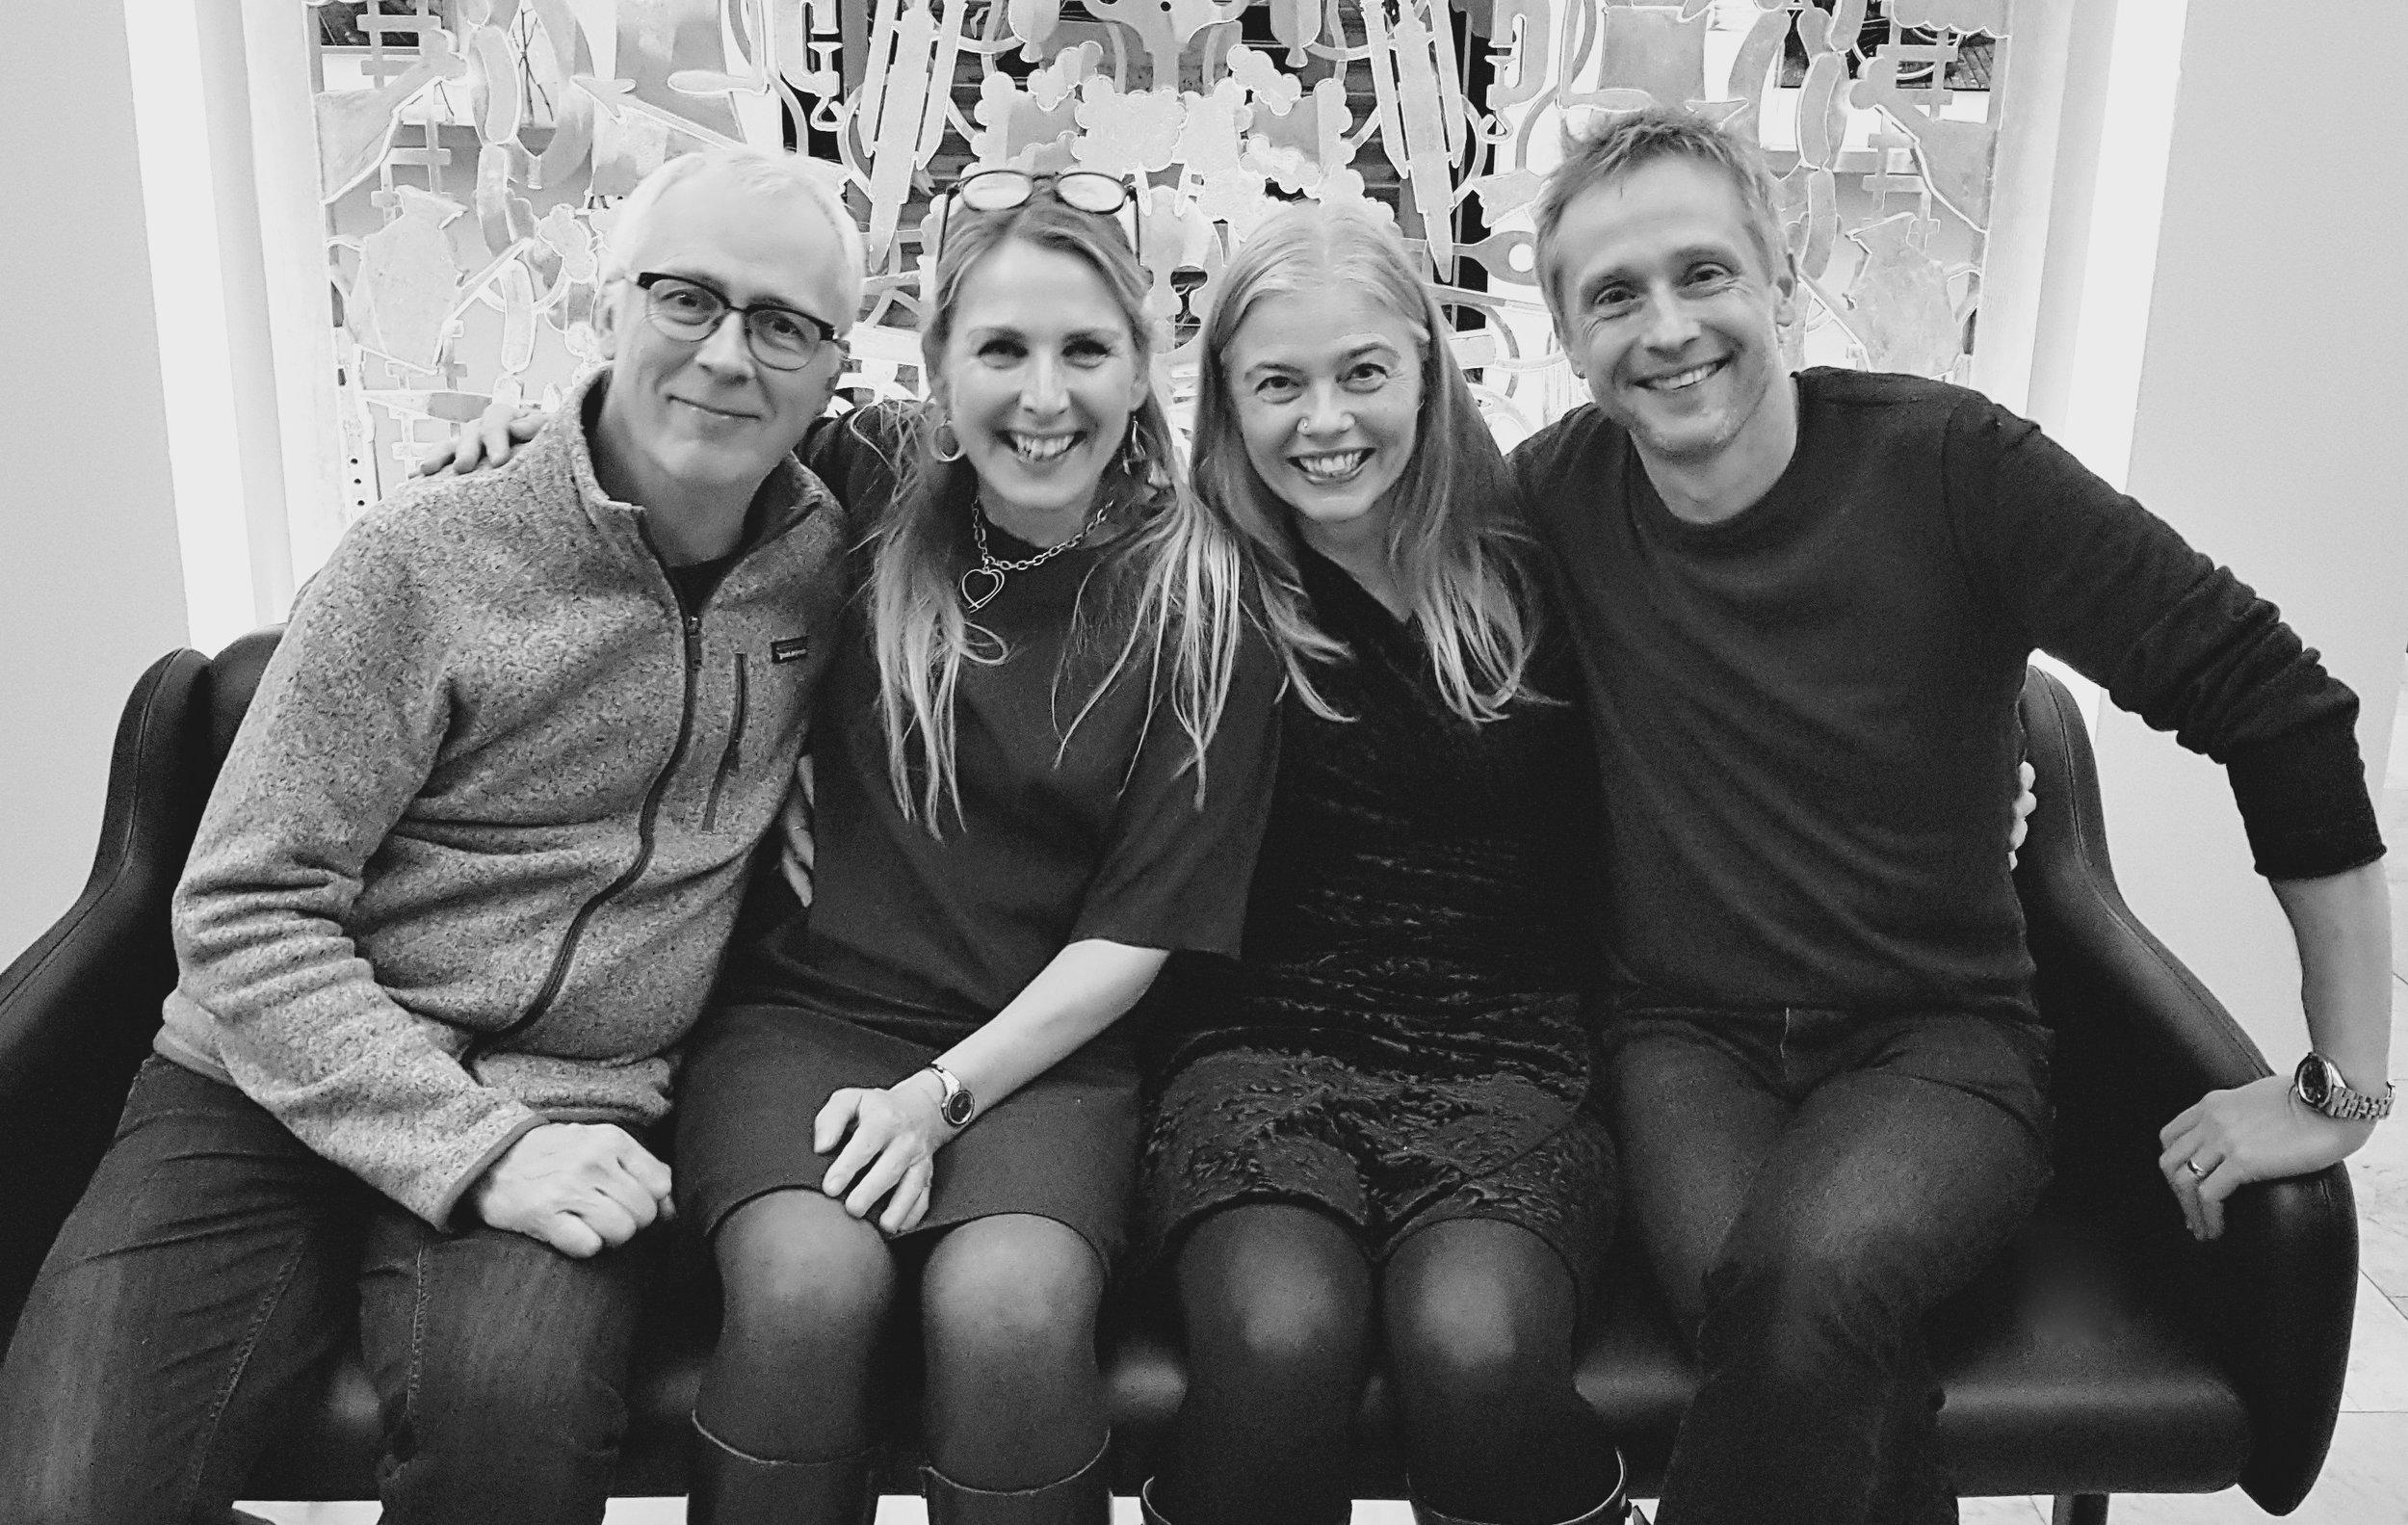 From left, Peder Karlsson, Margareta Bengtson, Katarina Henryson and Anders Edenroth.